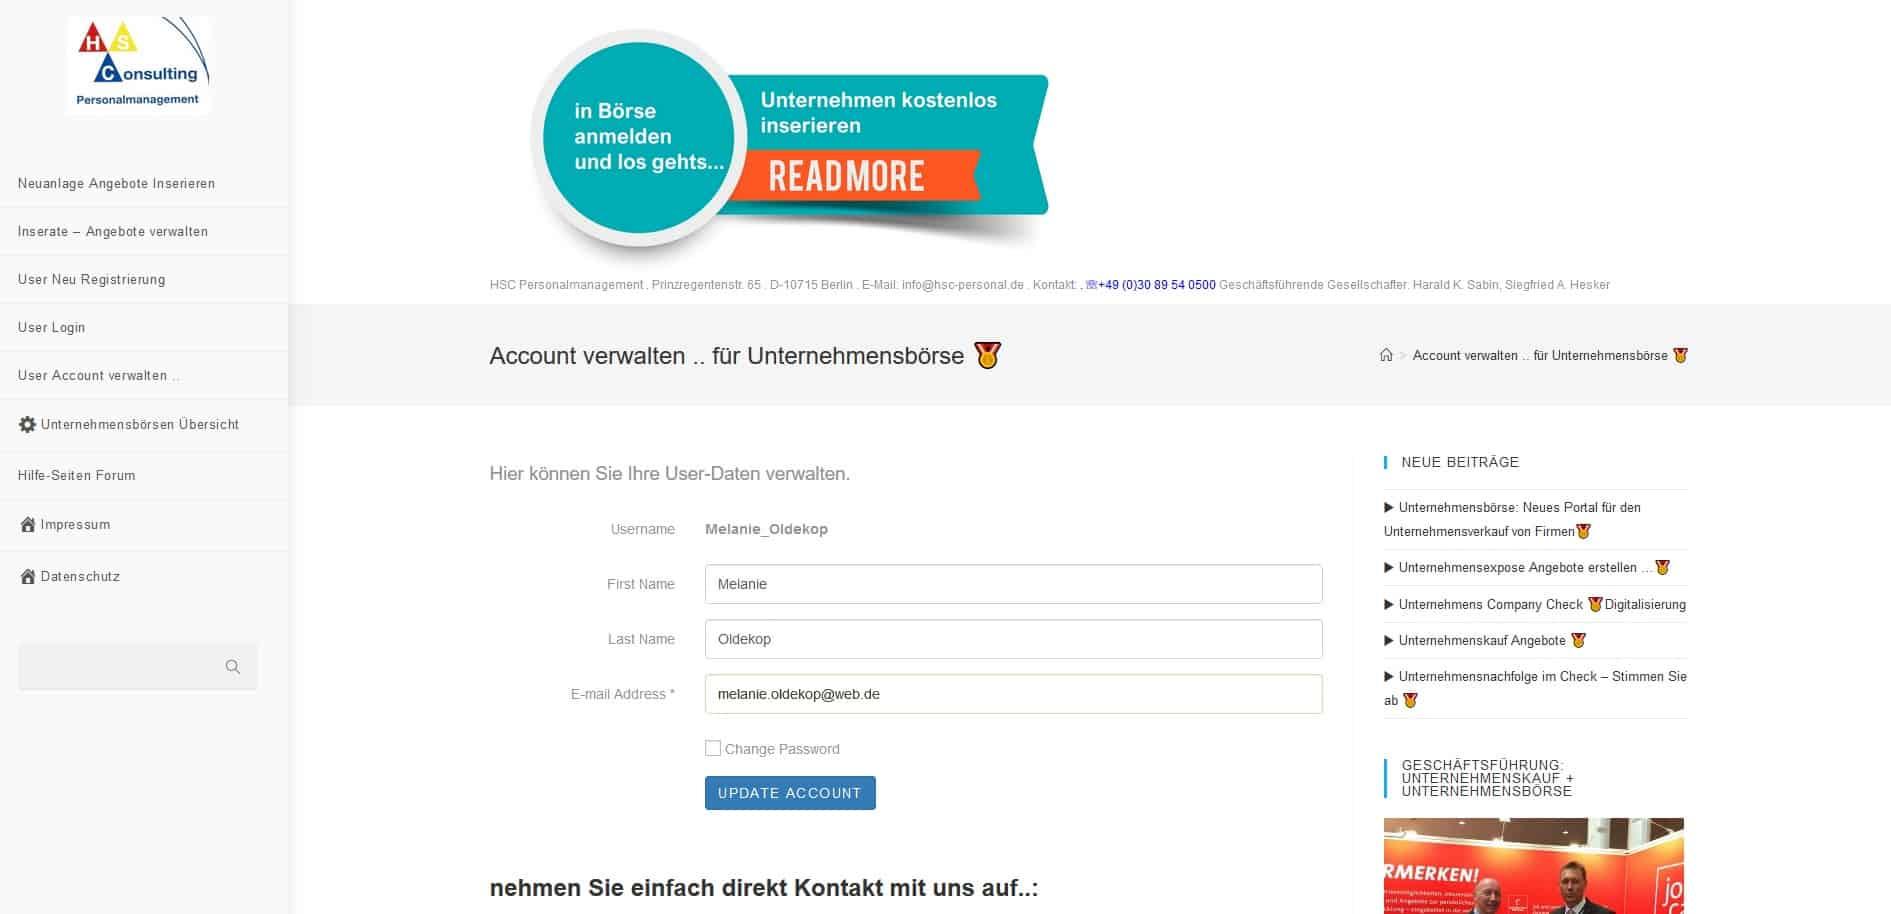 Portale Unternehmensbörse Account verwalten